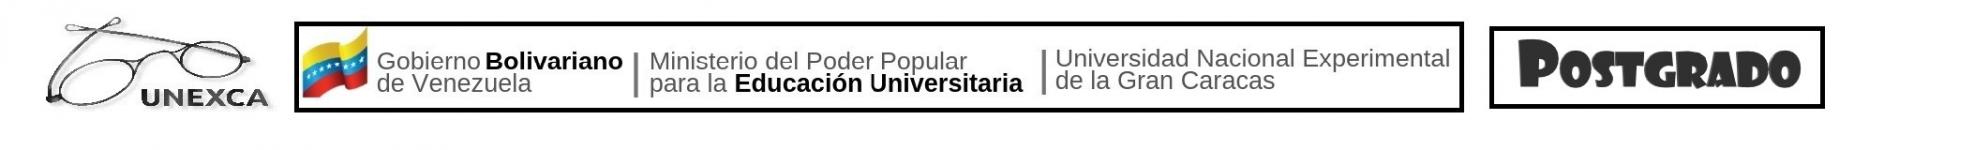 Moodle Postgrado UNEXCA